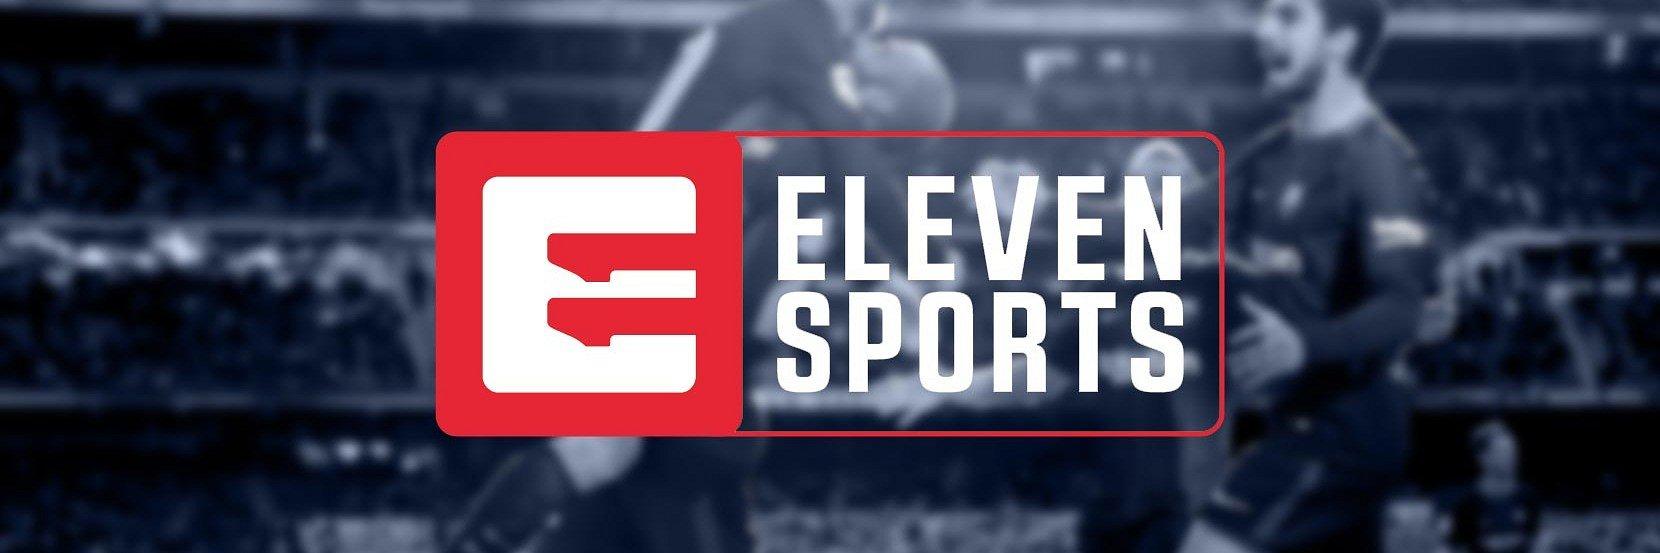 Eleven Sports transmite Dortmund vs Mönchengladbach no Facebook